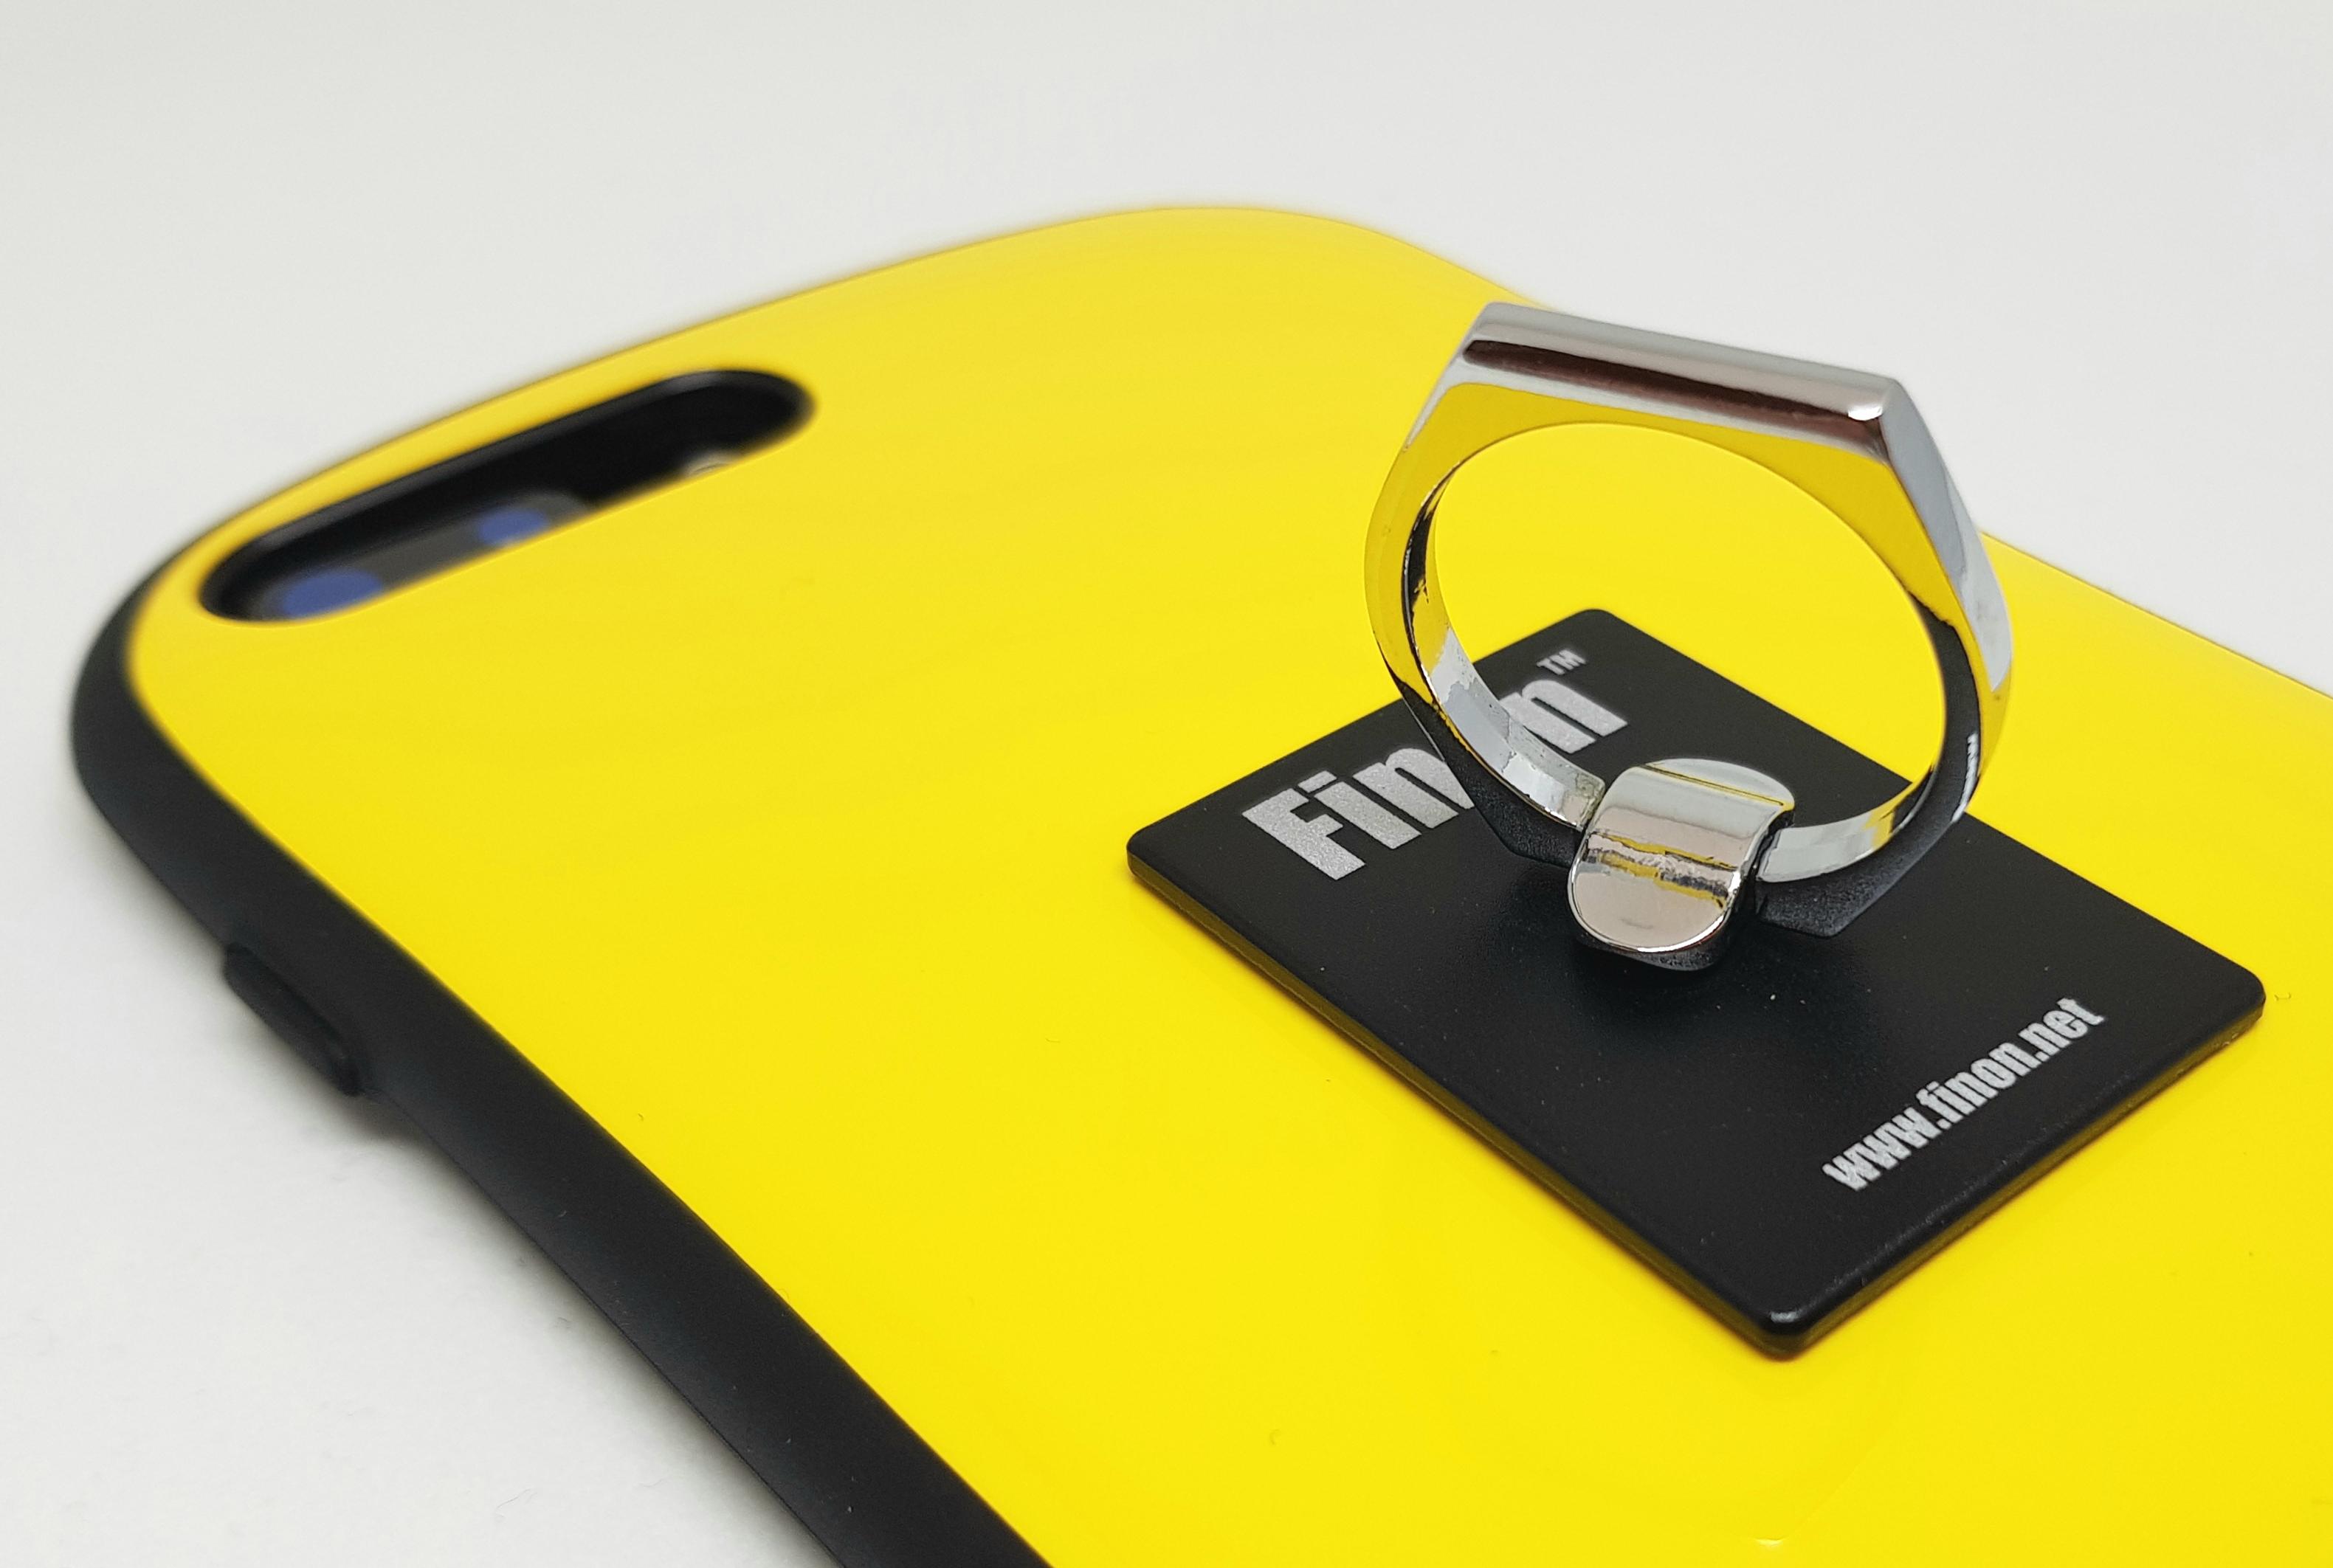 どんな形状でも貼れる「Finon Ring / フィノンリング」強力吸着力で何度でも貼り直し可能なスマホリング!